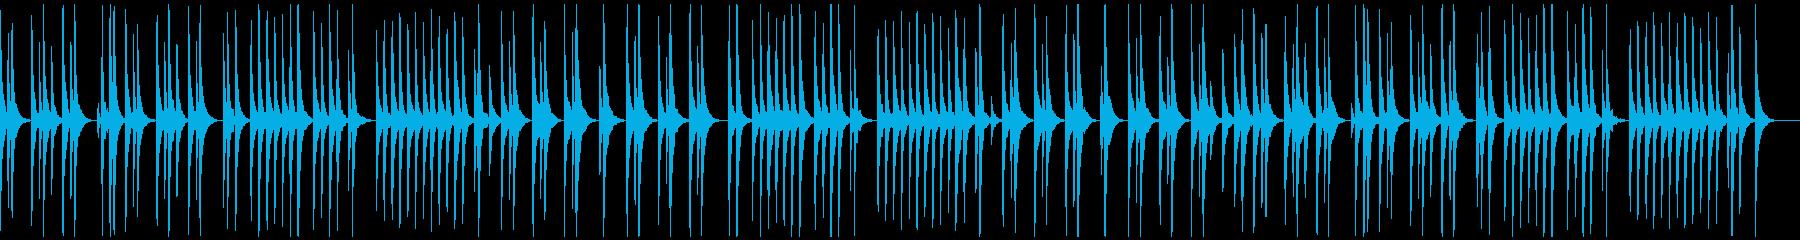 マリンバ、素朴、ほのぼの、小動物の観察の再生済みの波形